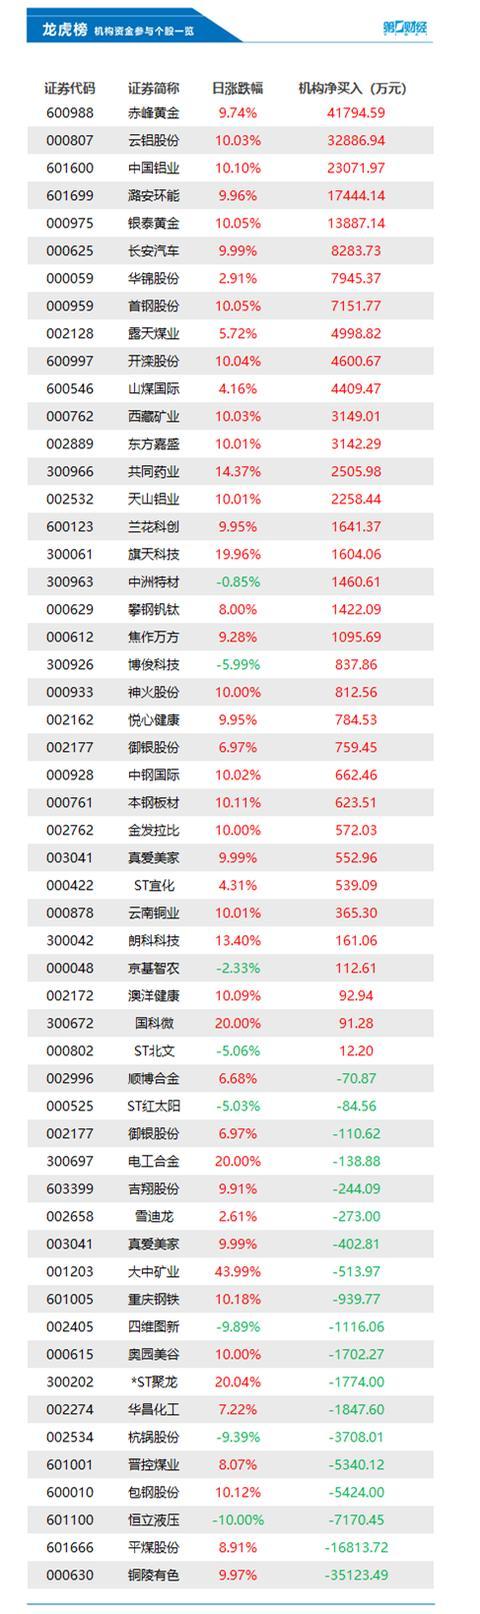 铜陵有色股票,机构今日买入这35股,抛售铜陵有色3.51亿元丨龙虎榜